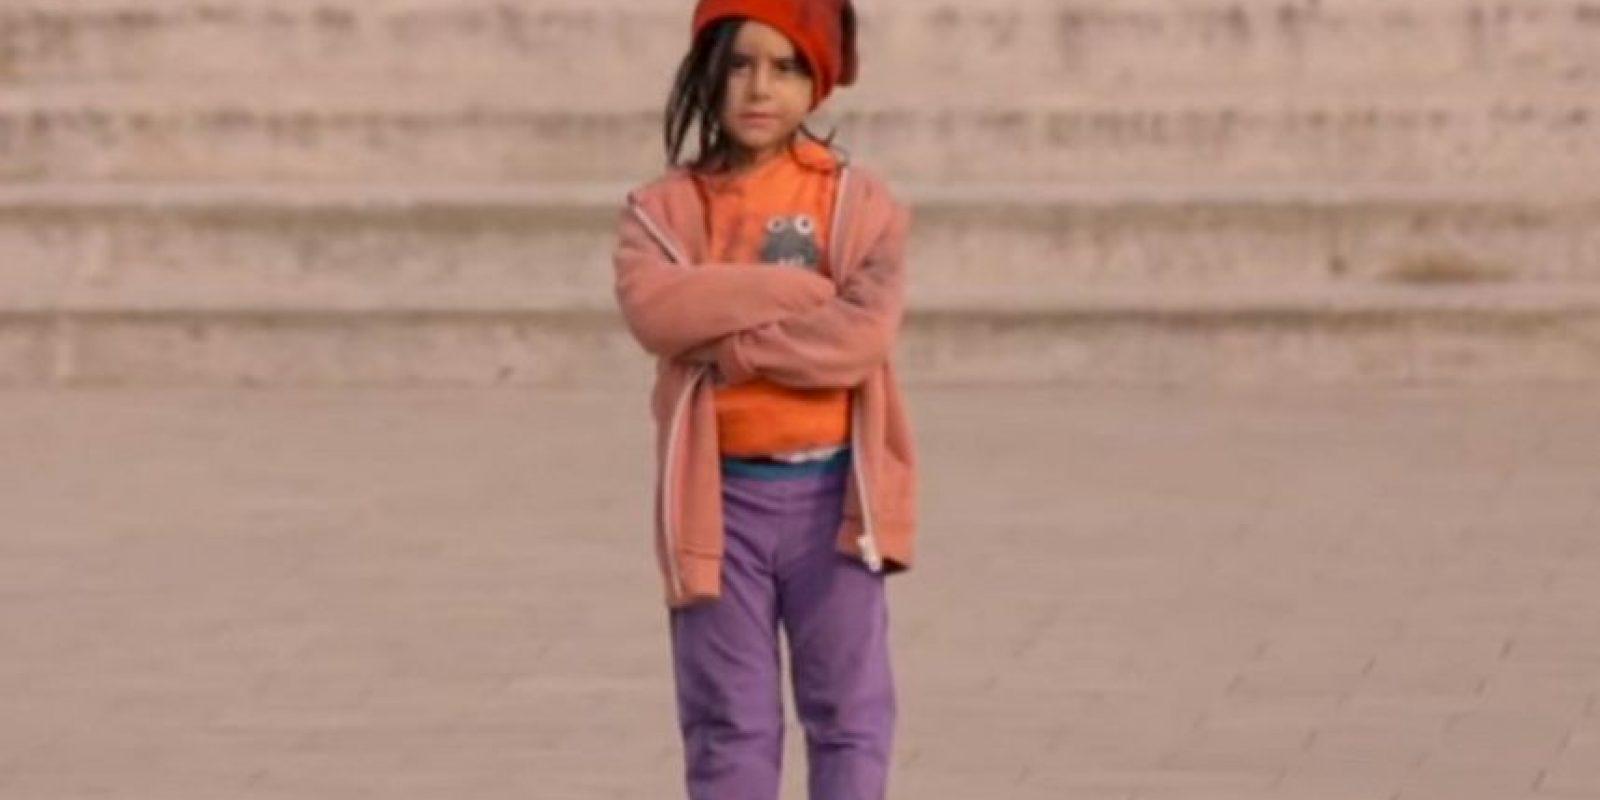 La pequeña Anano tiene 6 años de edad y ha sufrido en carne propia la discriminación. Foto:Reproducción Unicef